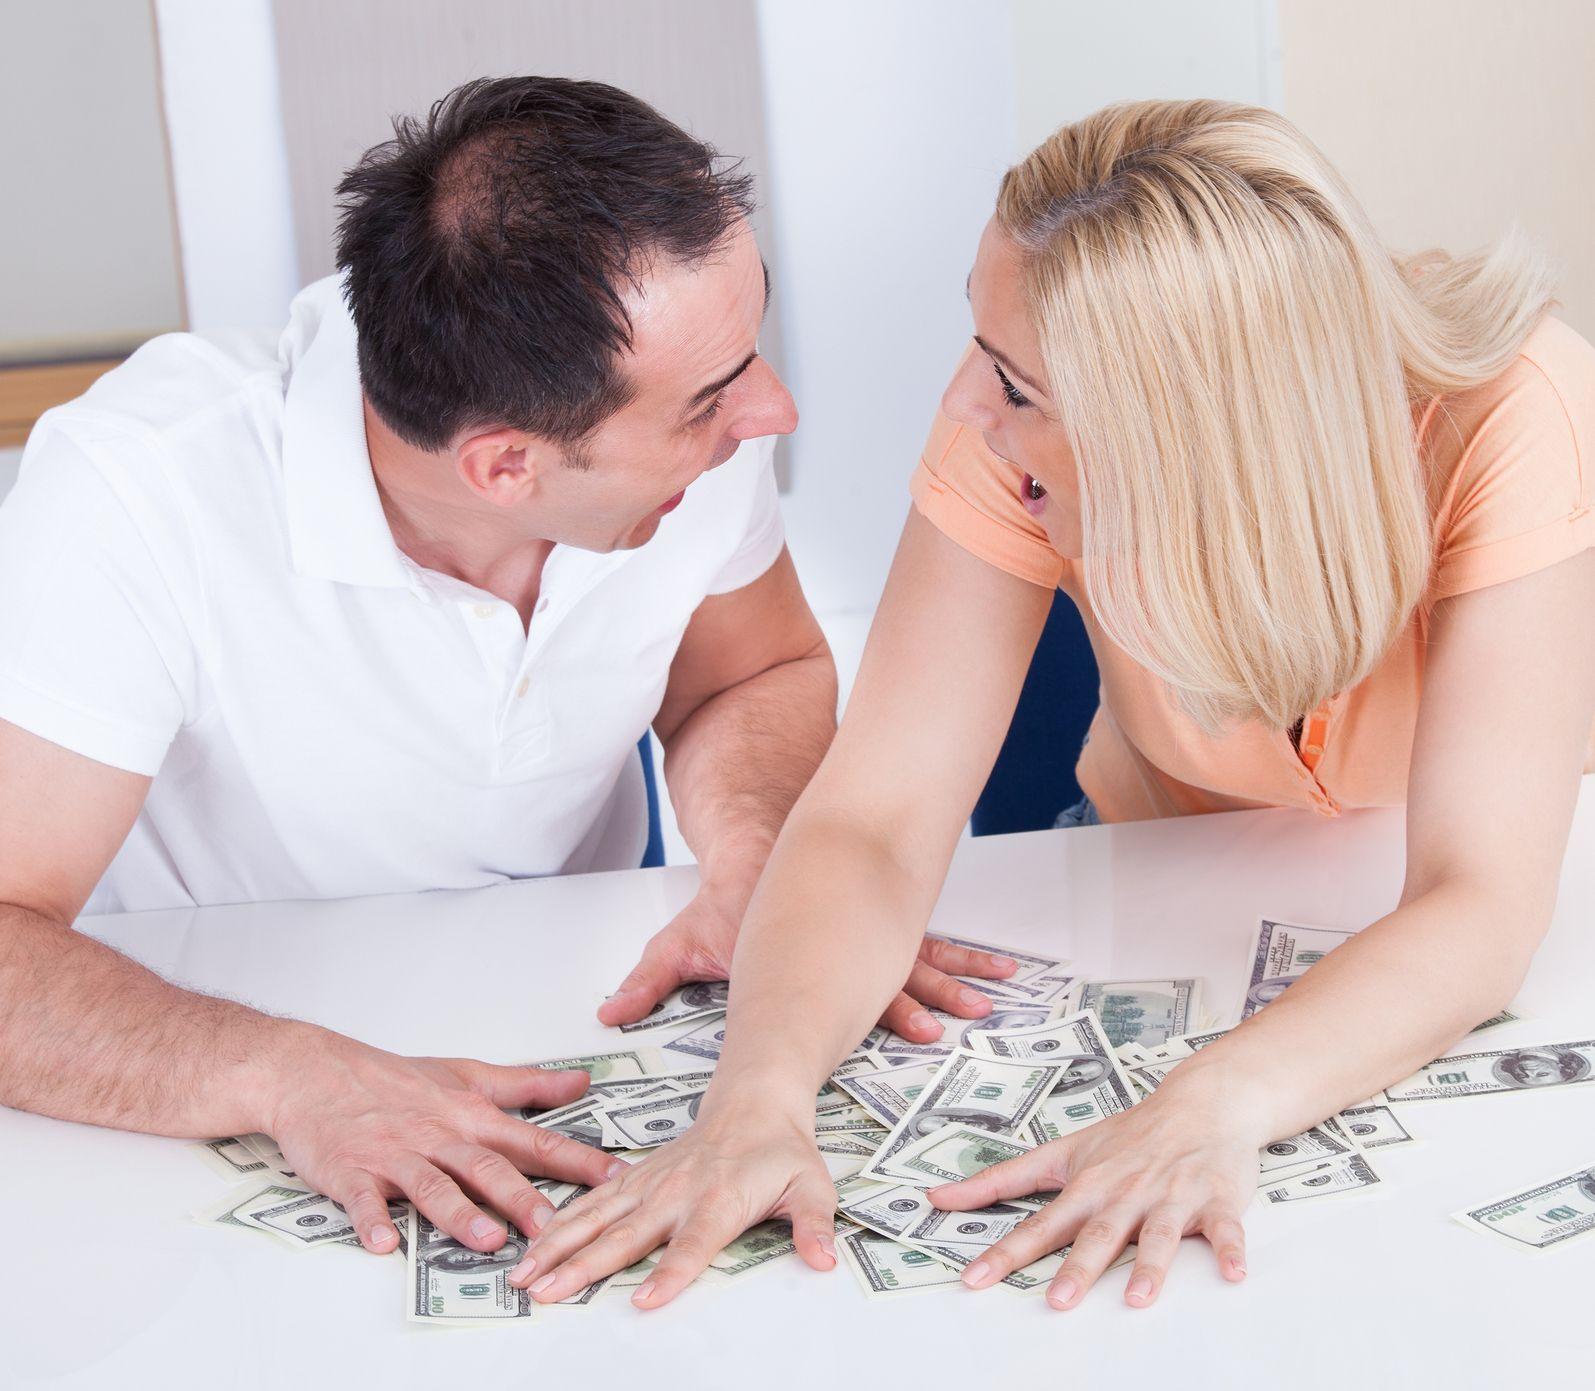 Vyhnite sa tichej domácnosti: Ako sa správne rozprávať o peniazoch či sexe?